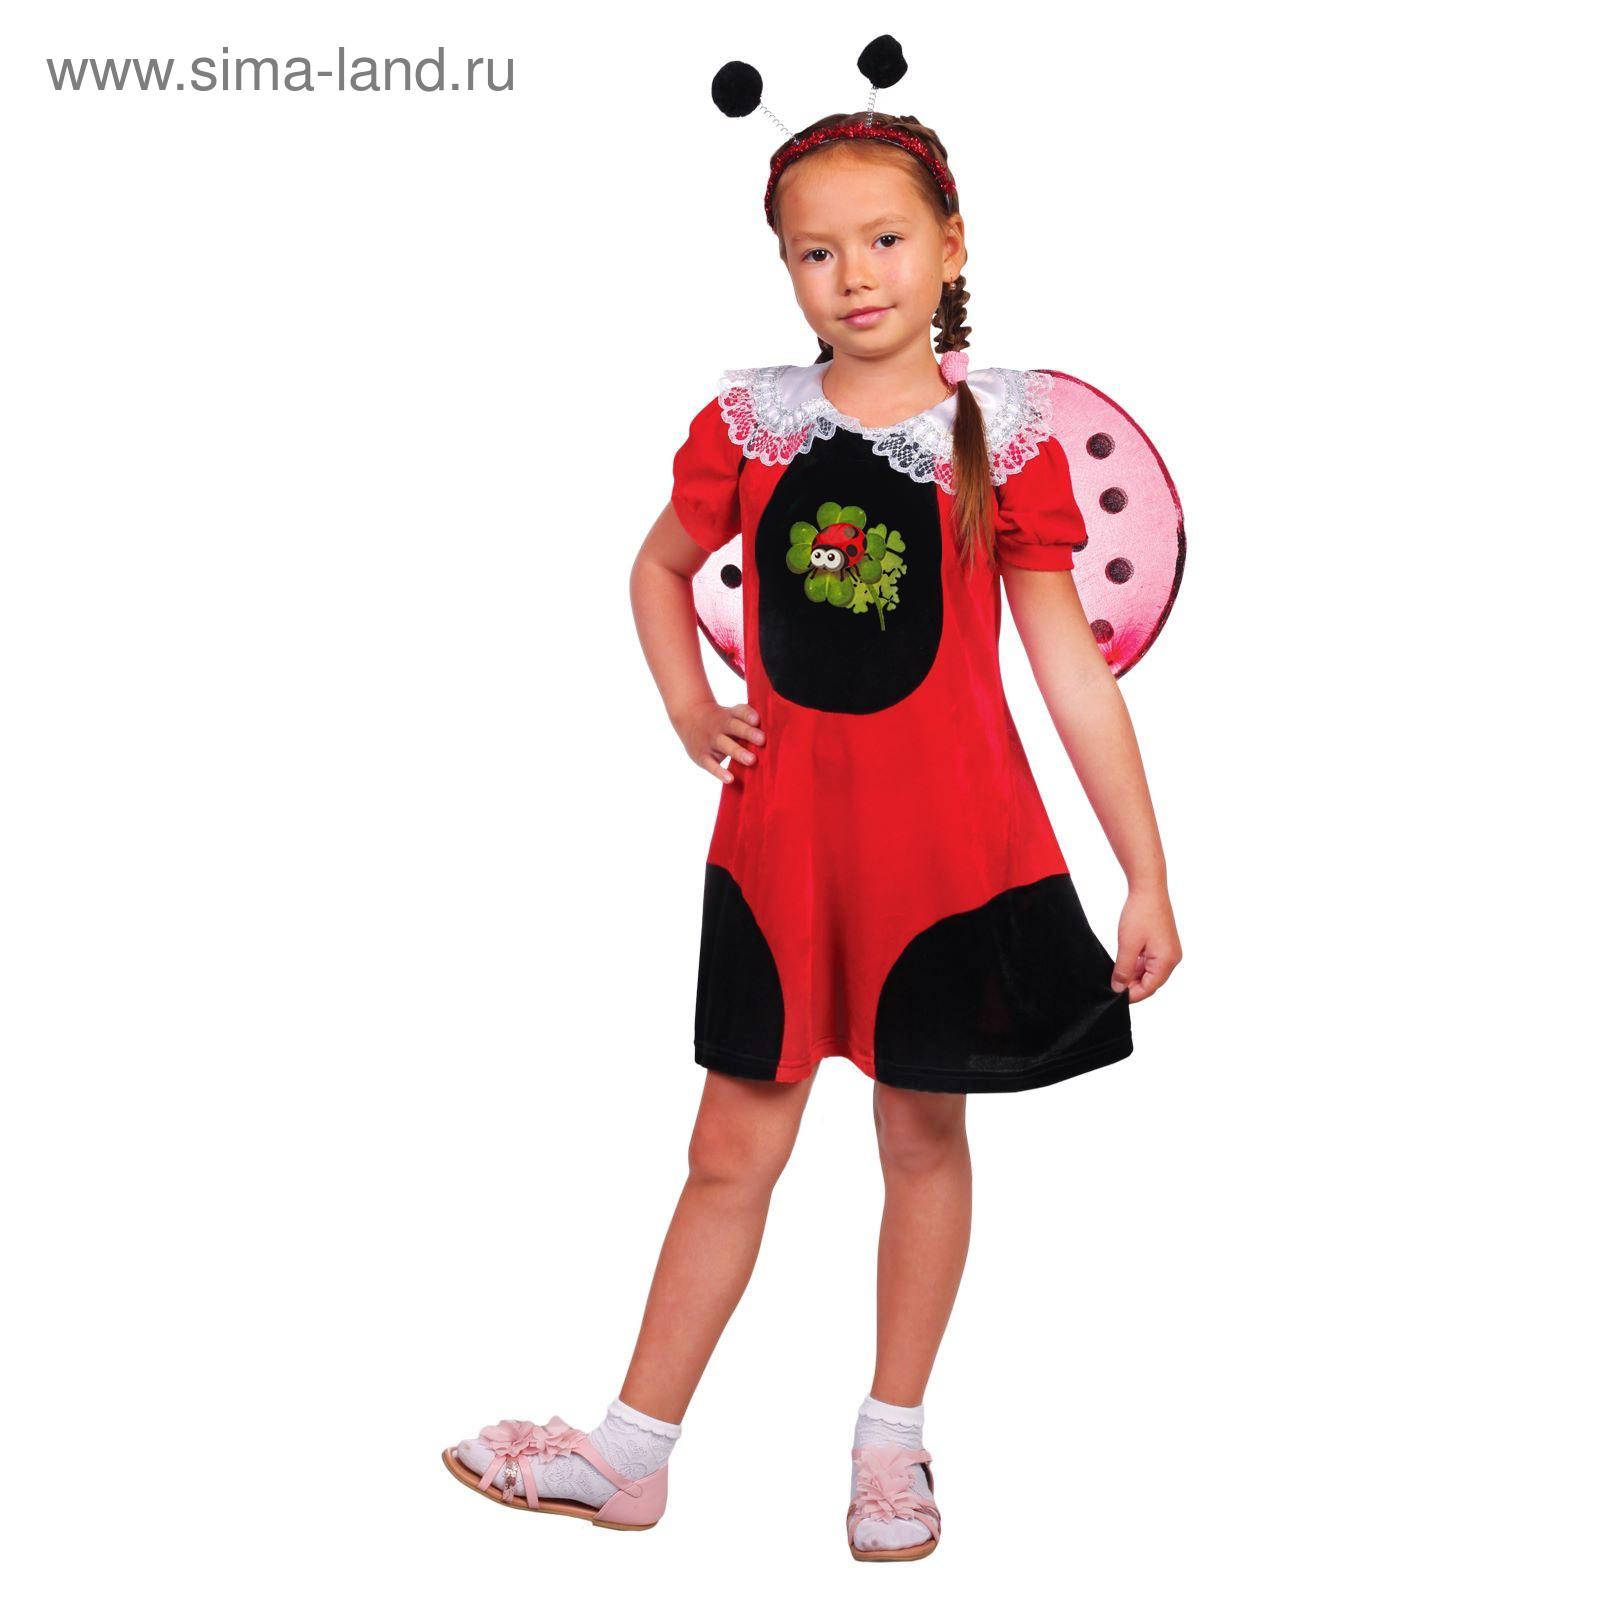 146dca9c1bc Детский карнавальный костюм